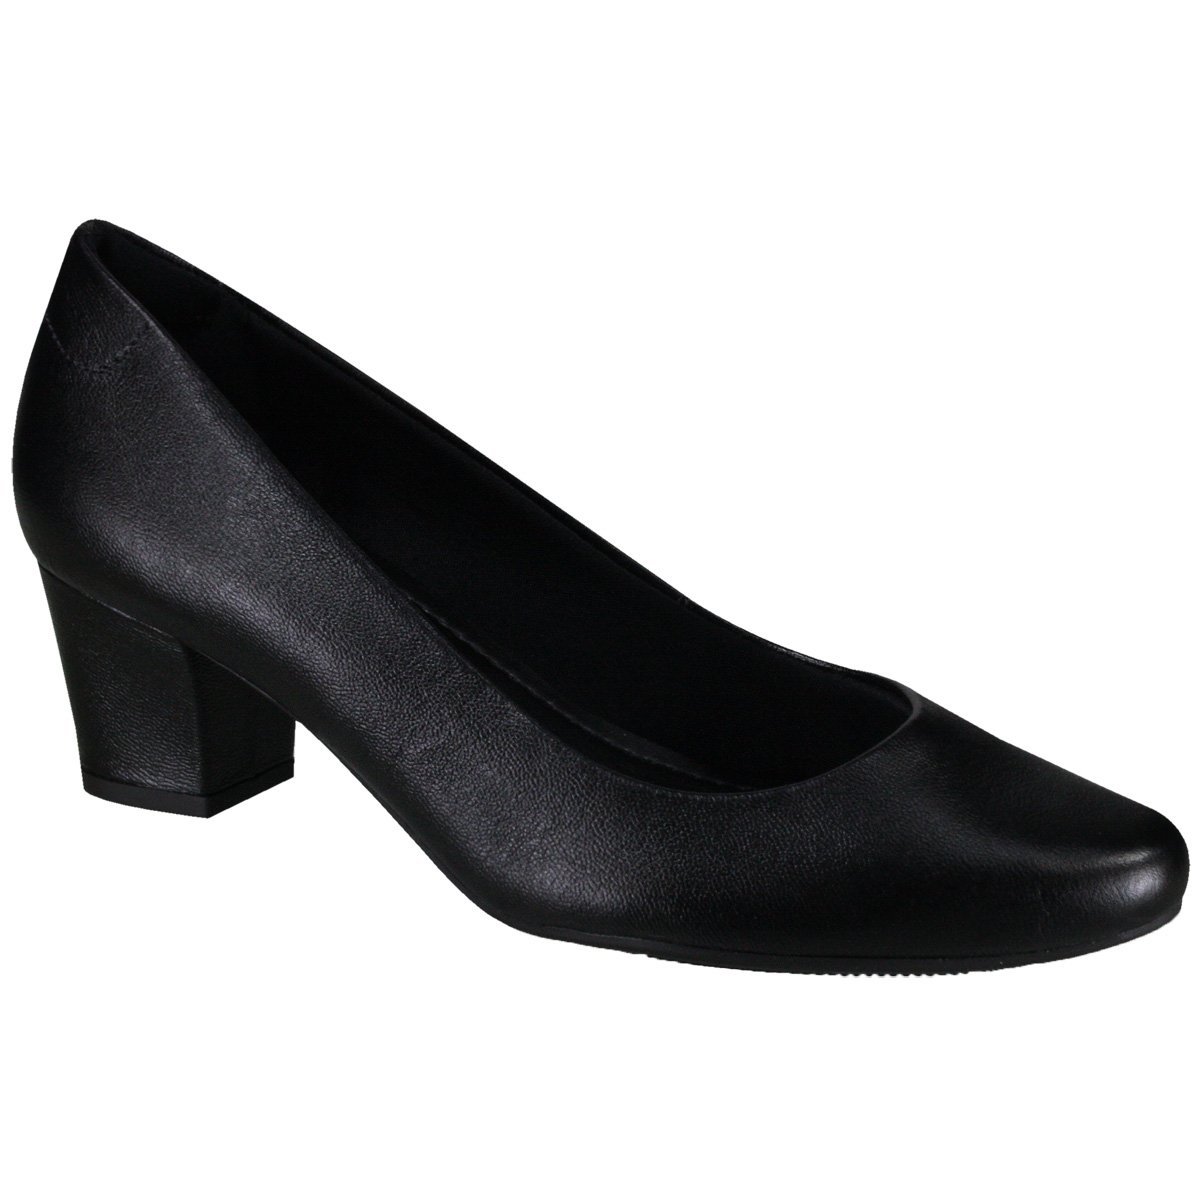 753977bc3 Sapato Feminino Usaflex Q6601/10 - Preto (Caprina) - Calçados Online ...